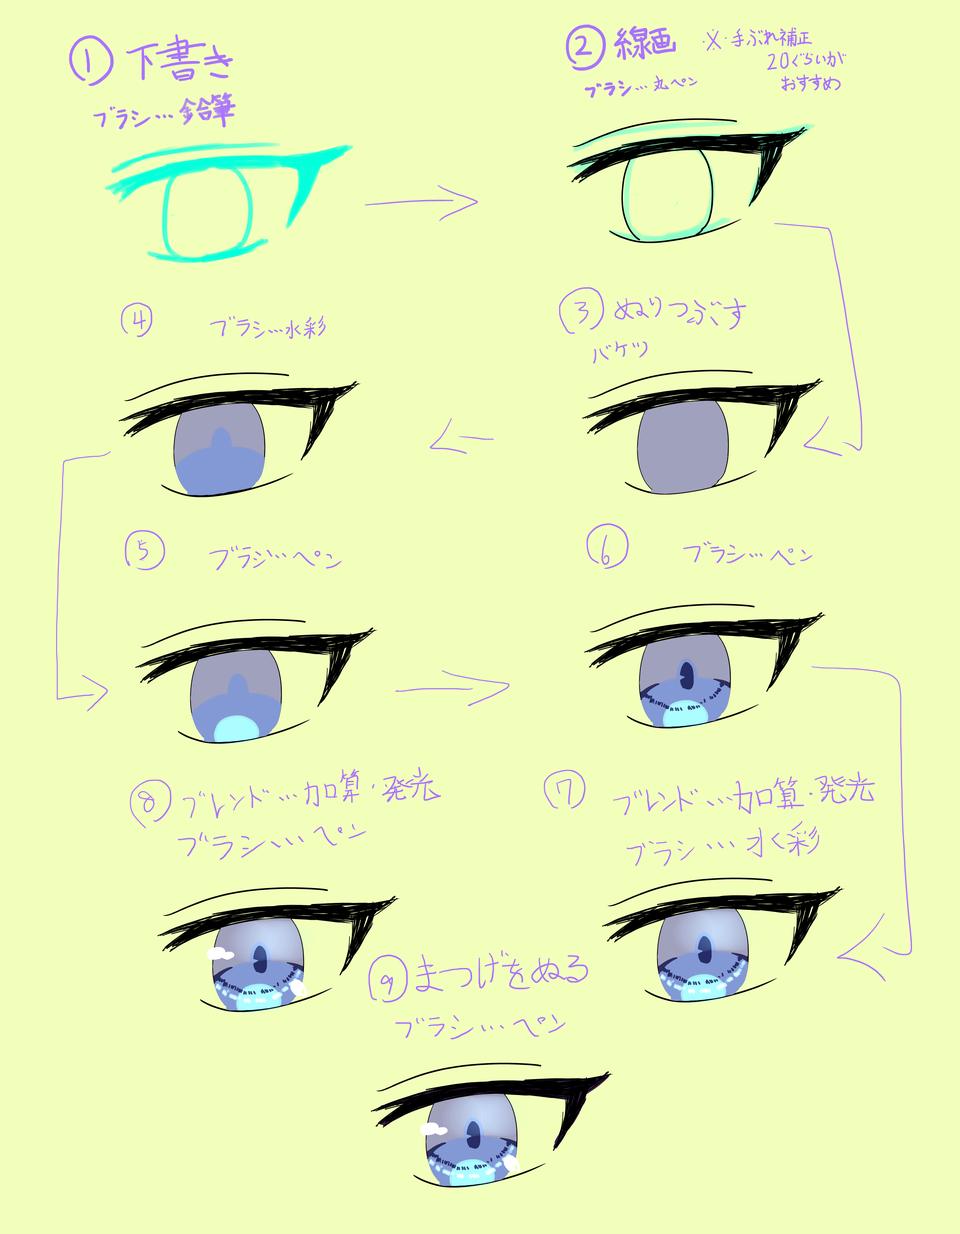 目 メイキング Illust of サーシャン  (小6) The_Challengers 紫瞳 メイキング 目イキング tutorial